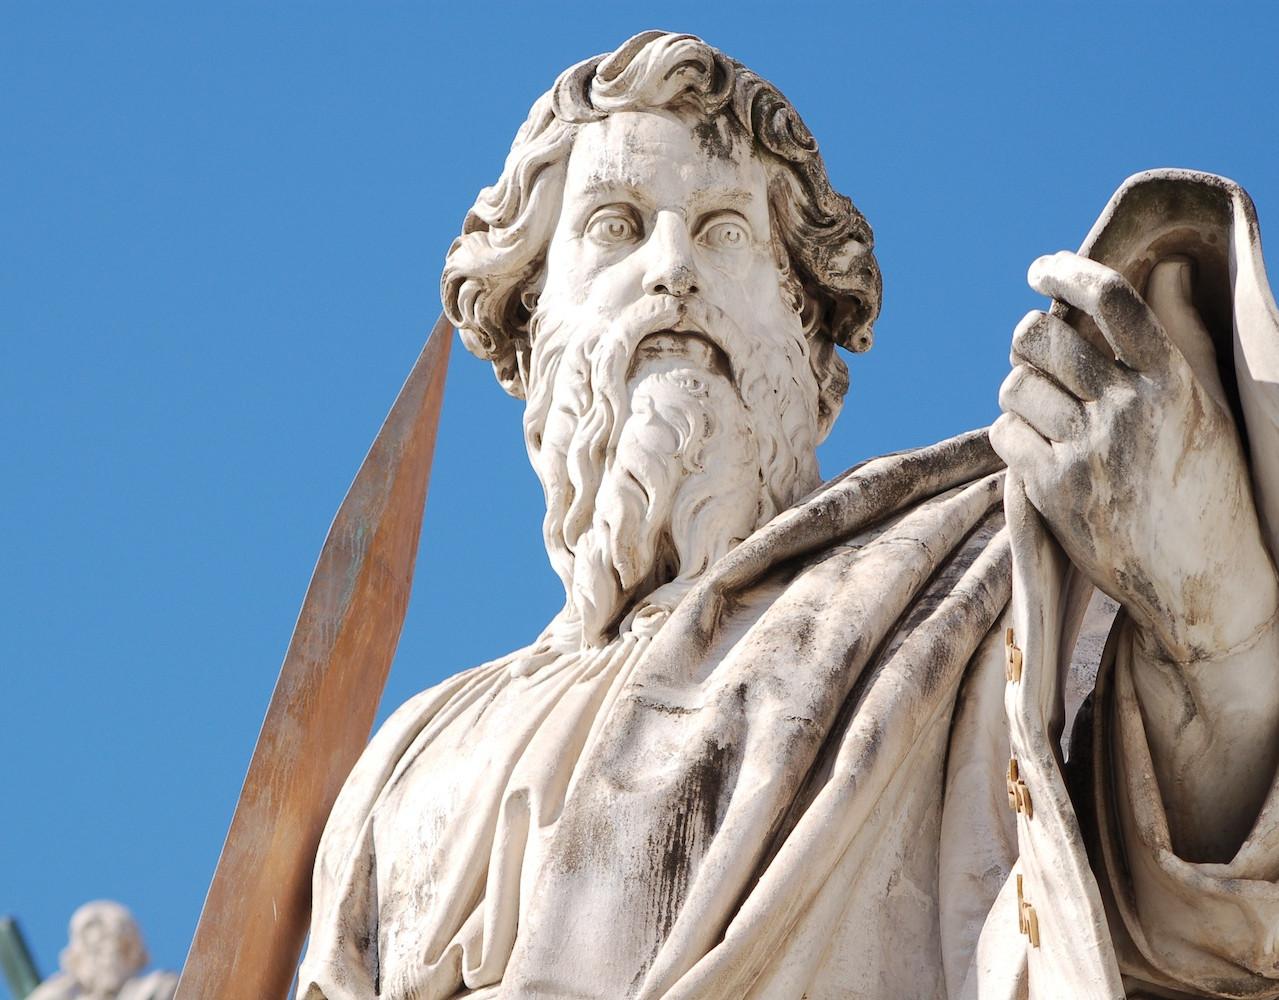 Statua di San Paolo piazza della Basilica di San Pietro. Statua di San Paolo con la spada